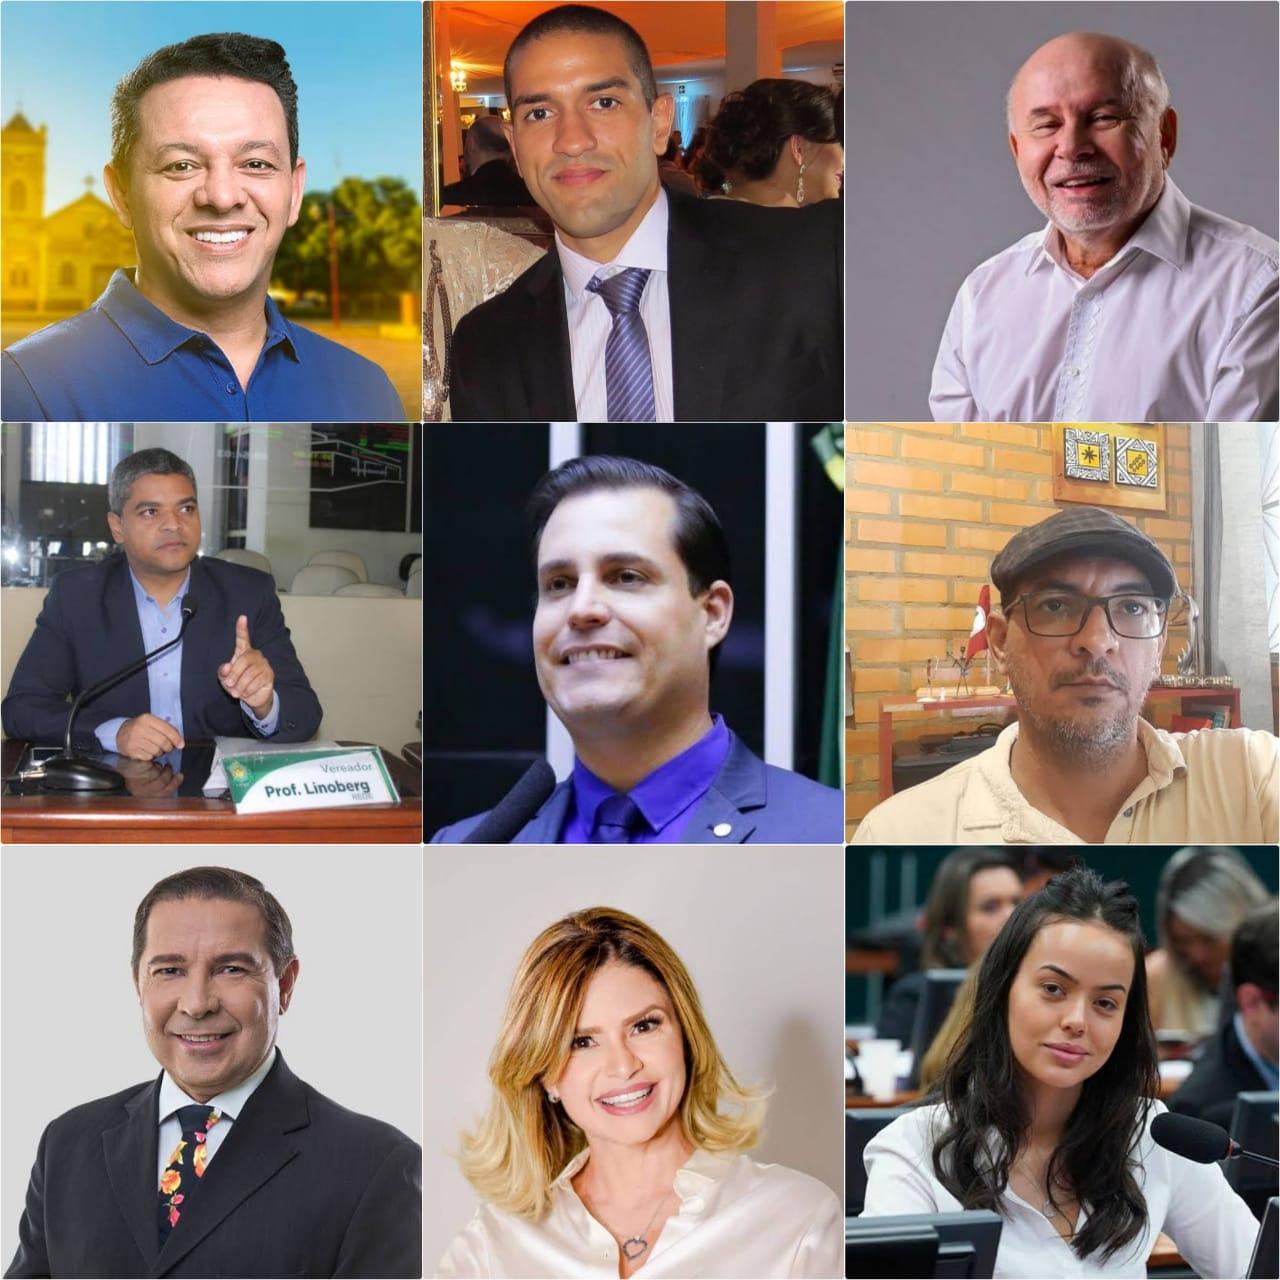 Confira a ordem de estreia e o tempo no horário eleitoral dos candidatos à Prefeitura de Boa Vista